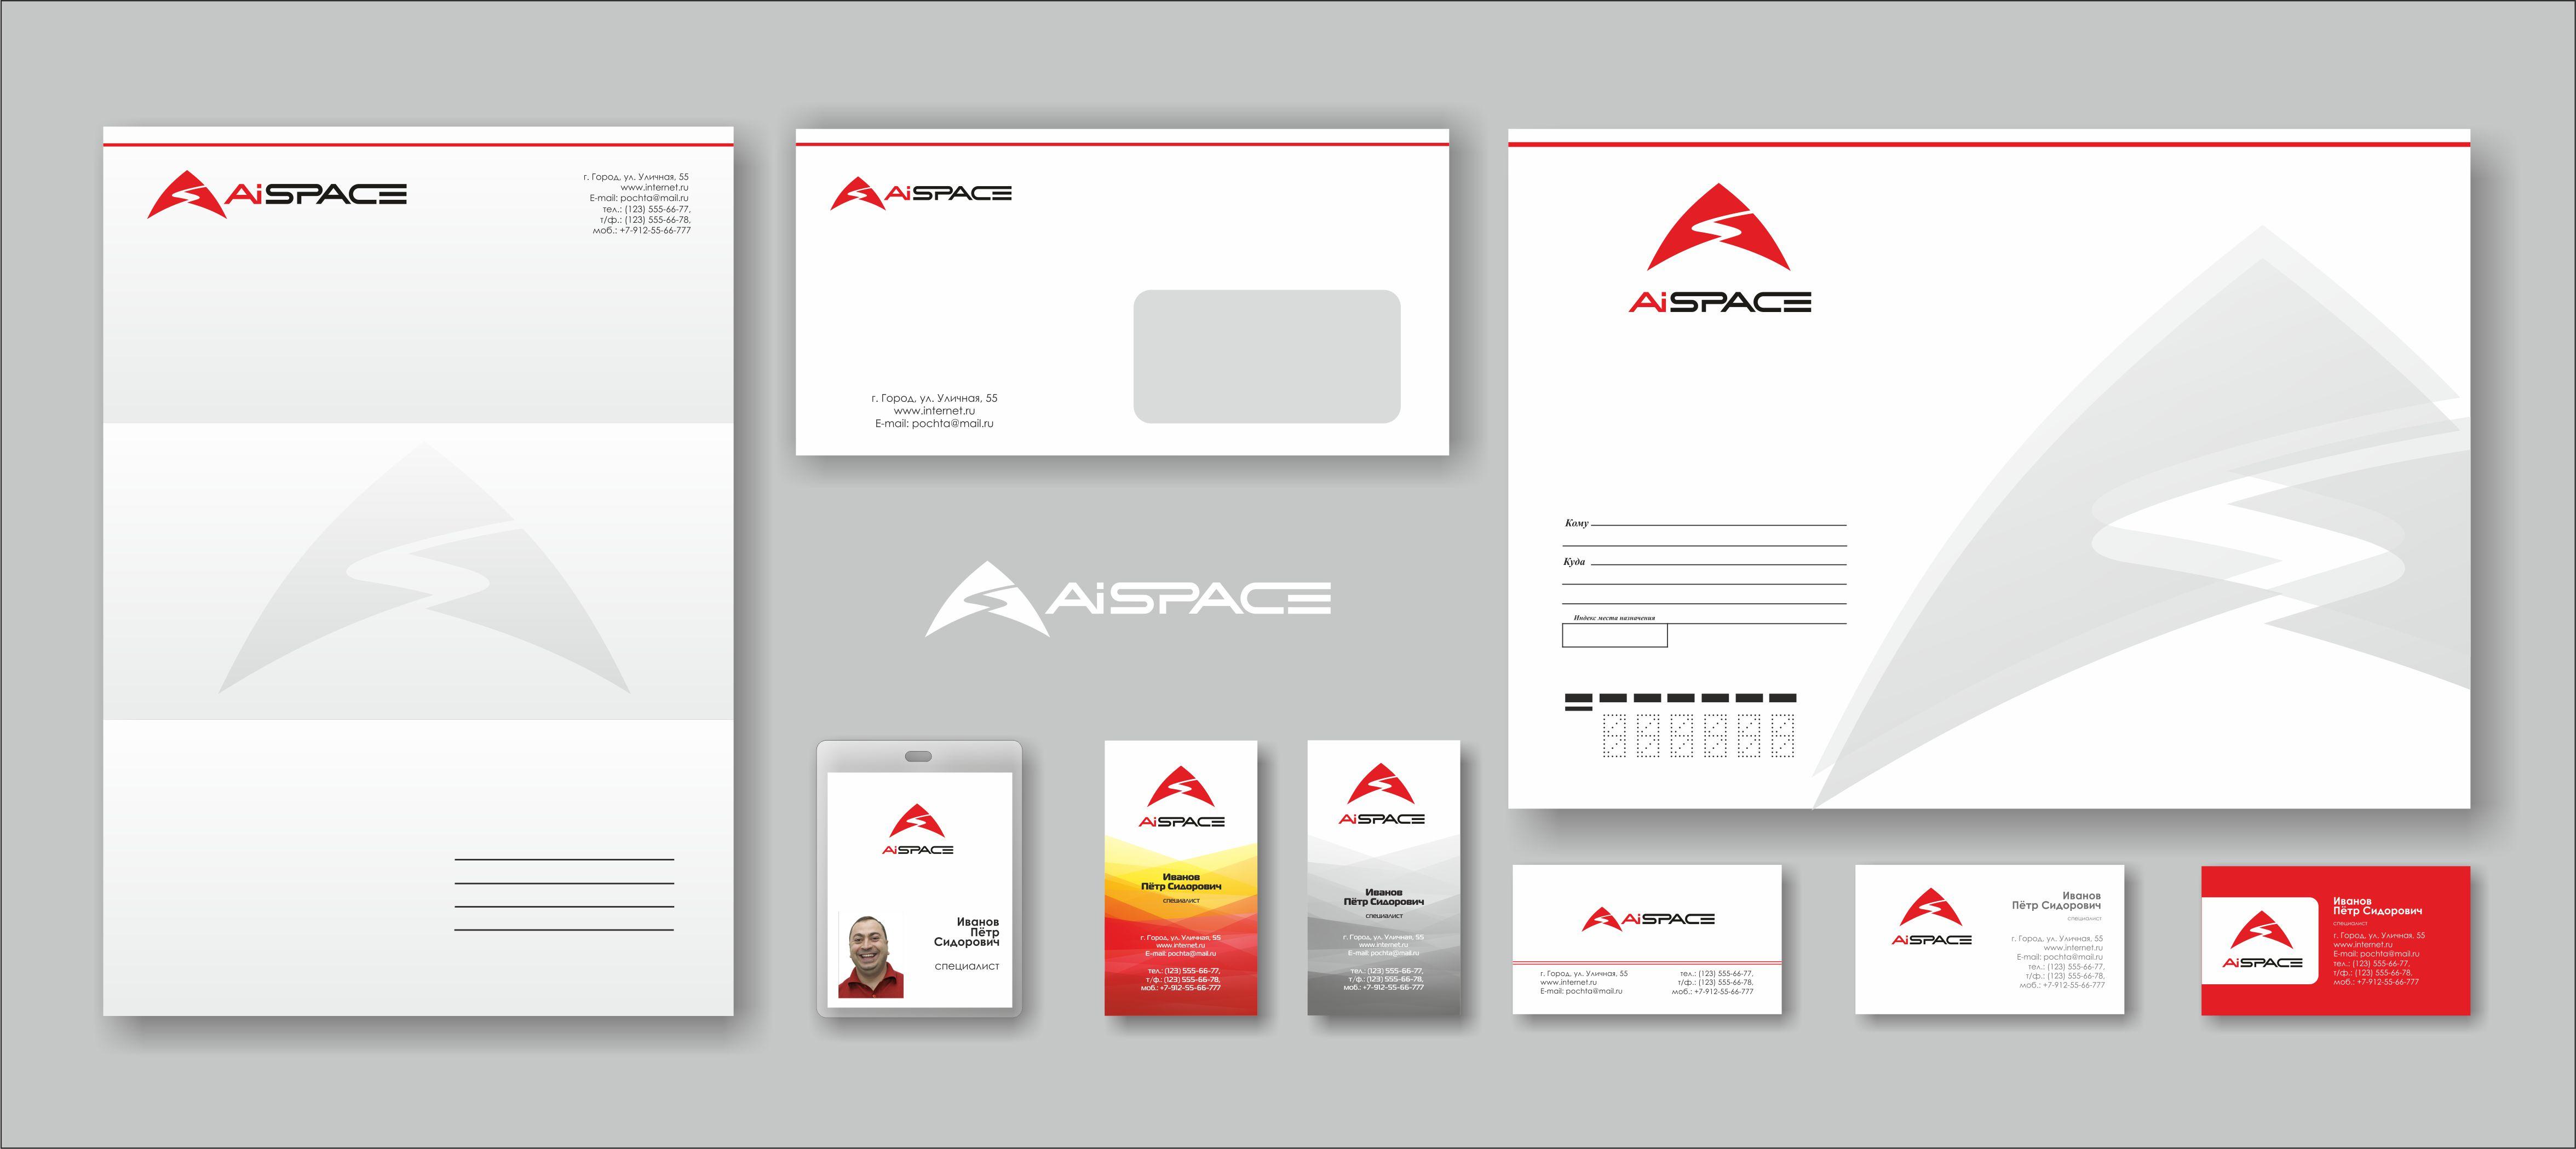 Разработать логотип и фирменный стиль для компании AiSpace фото f_06451b2a73f5a6ca.jpg